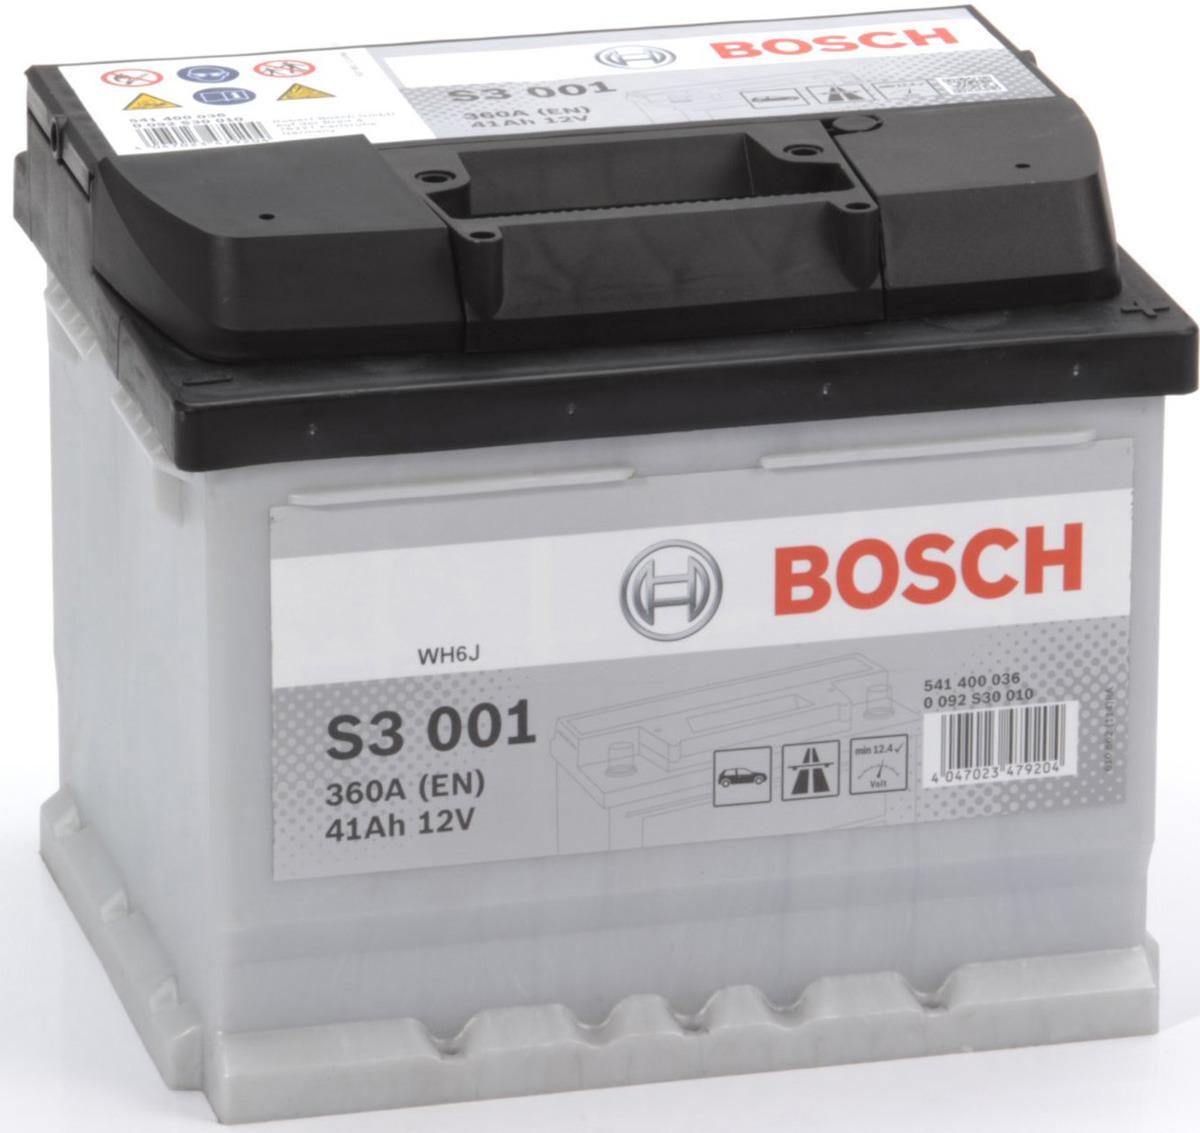 Автомобильный аккумулятор Bosch S3, 360A, ОП, 41 а/ч аккумуляторы для автомобиля 70 а ч цена